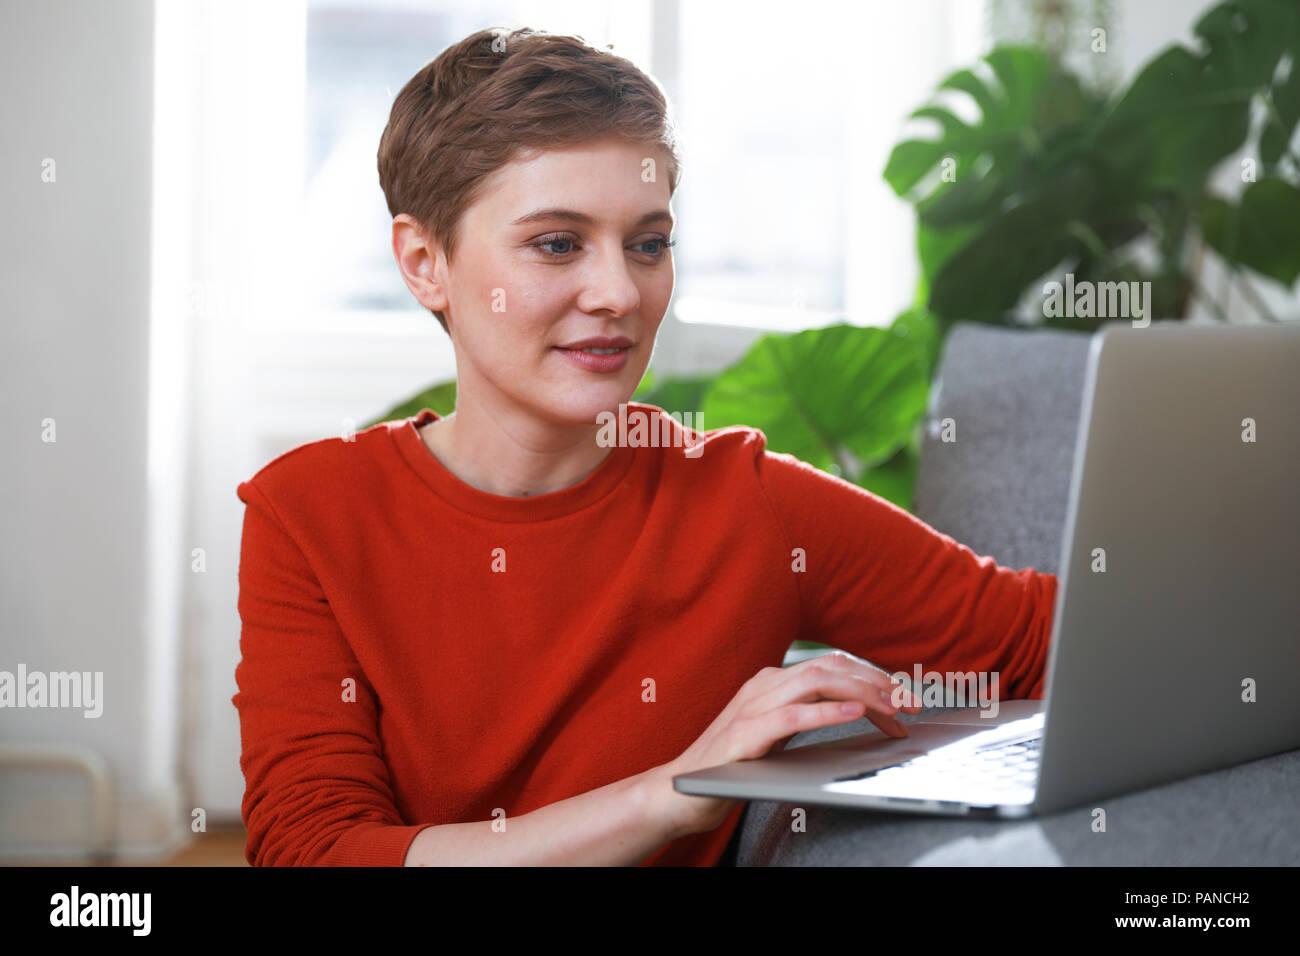 Femme assise à la maison, à l'aide d'ordinateur portable Photo Stock